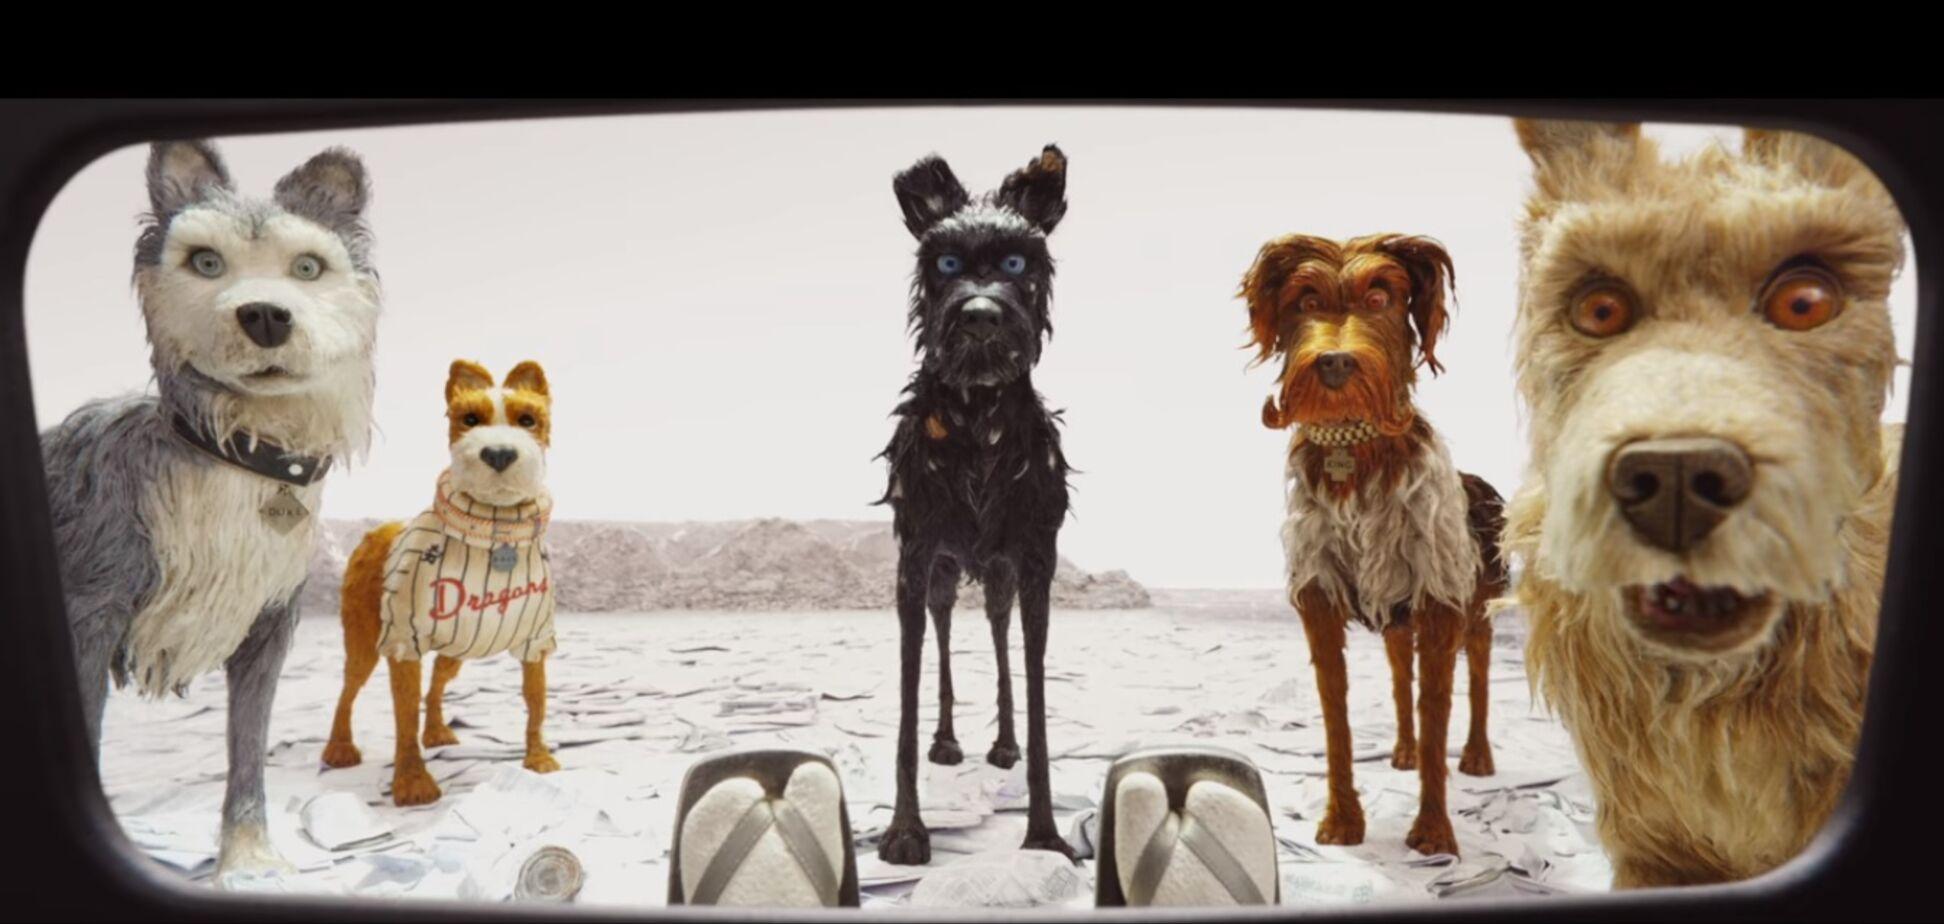 Стрічка 'Острів собак' Веса Андерсона вийде в травні